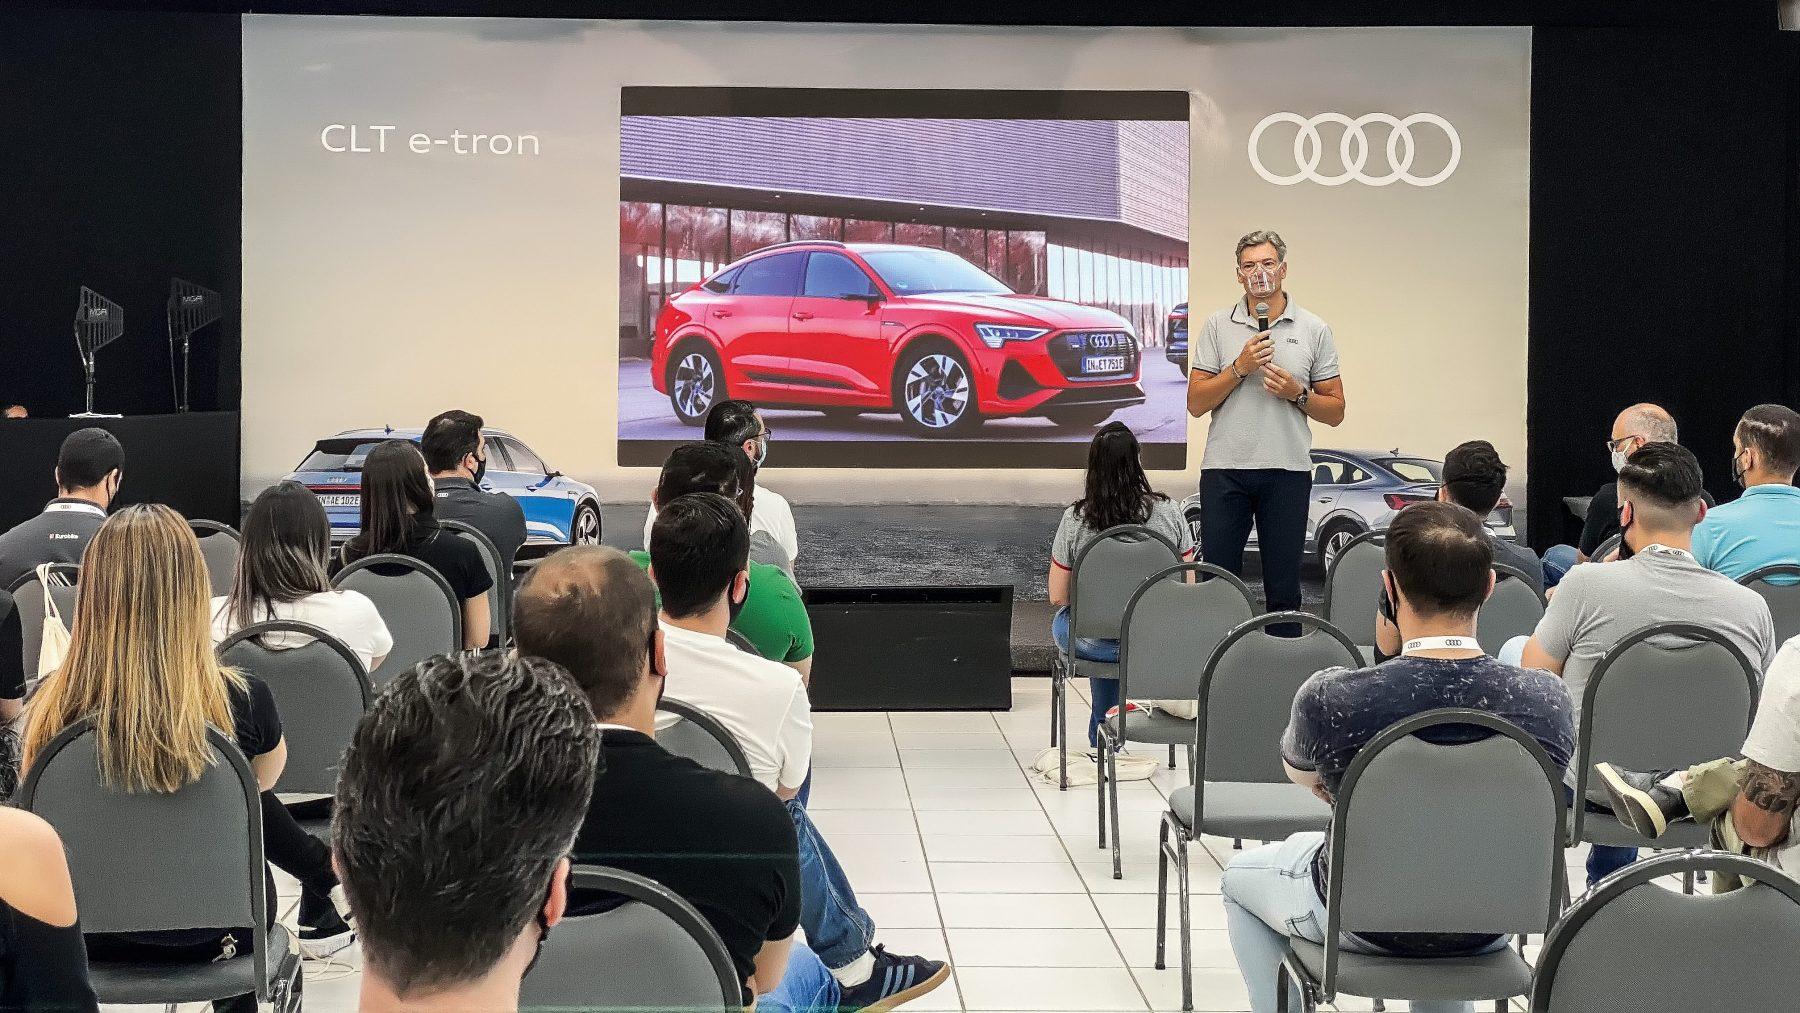 O presidente da Audi, Johannes Roscheck, deu as boas-vindas aos convidados.